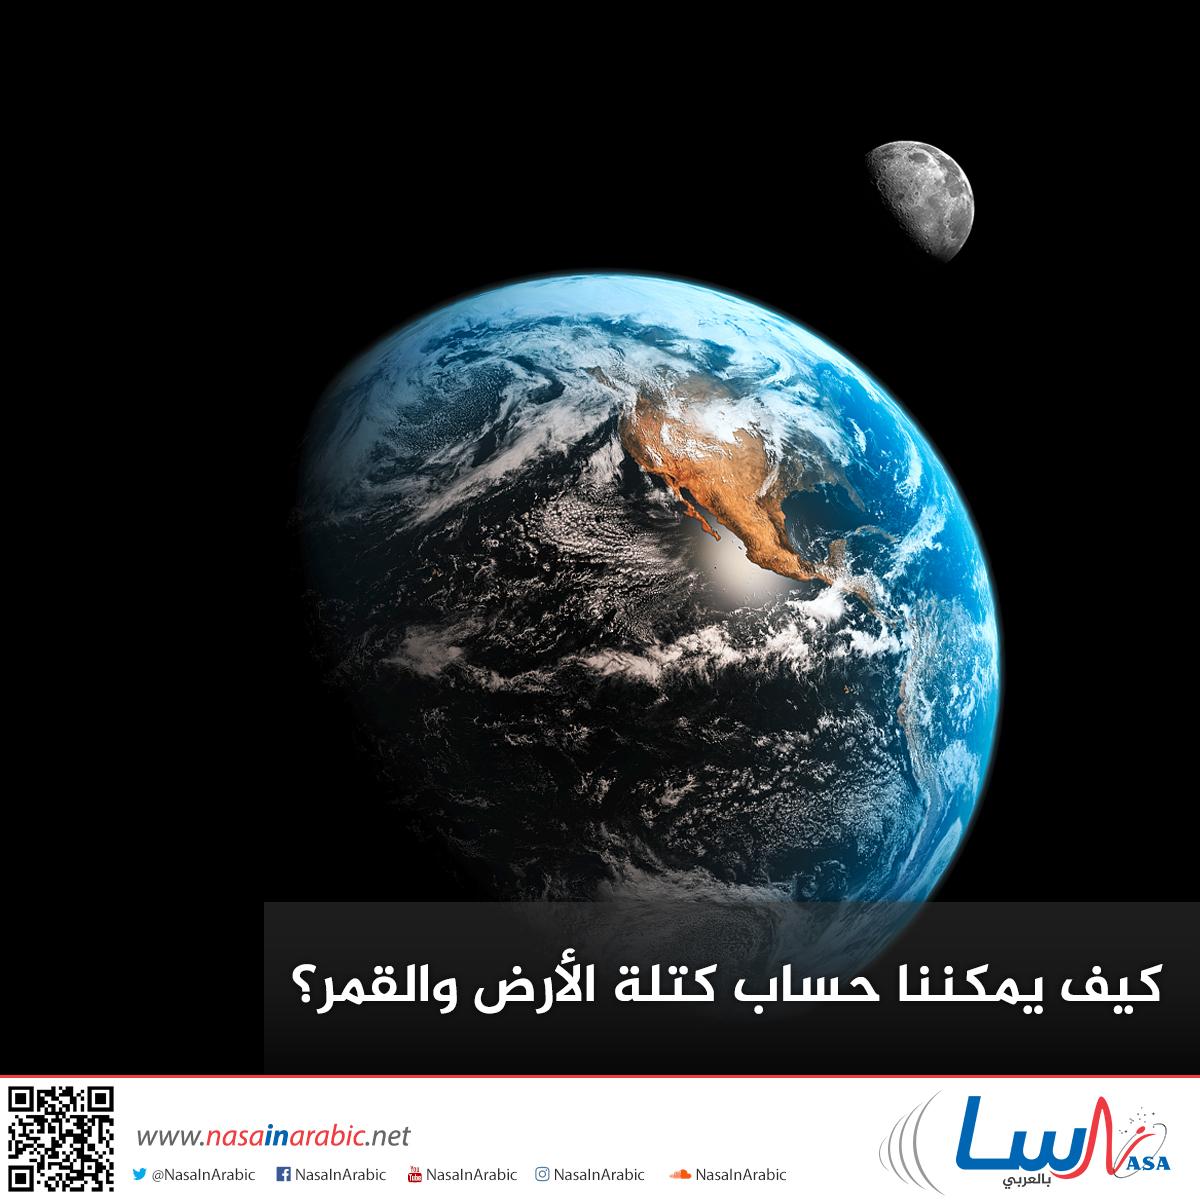 كيف يمكننا حساب كتلة الأرض والقمر؟